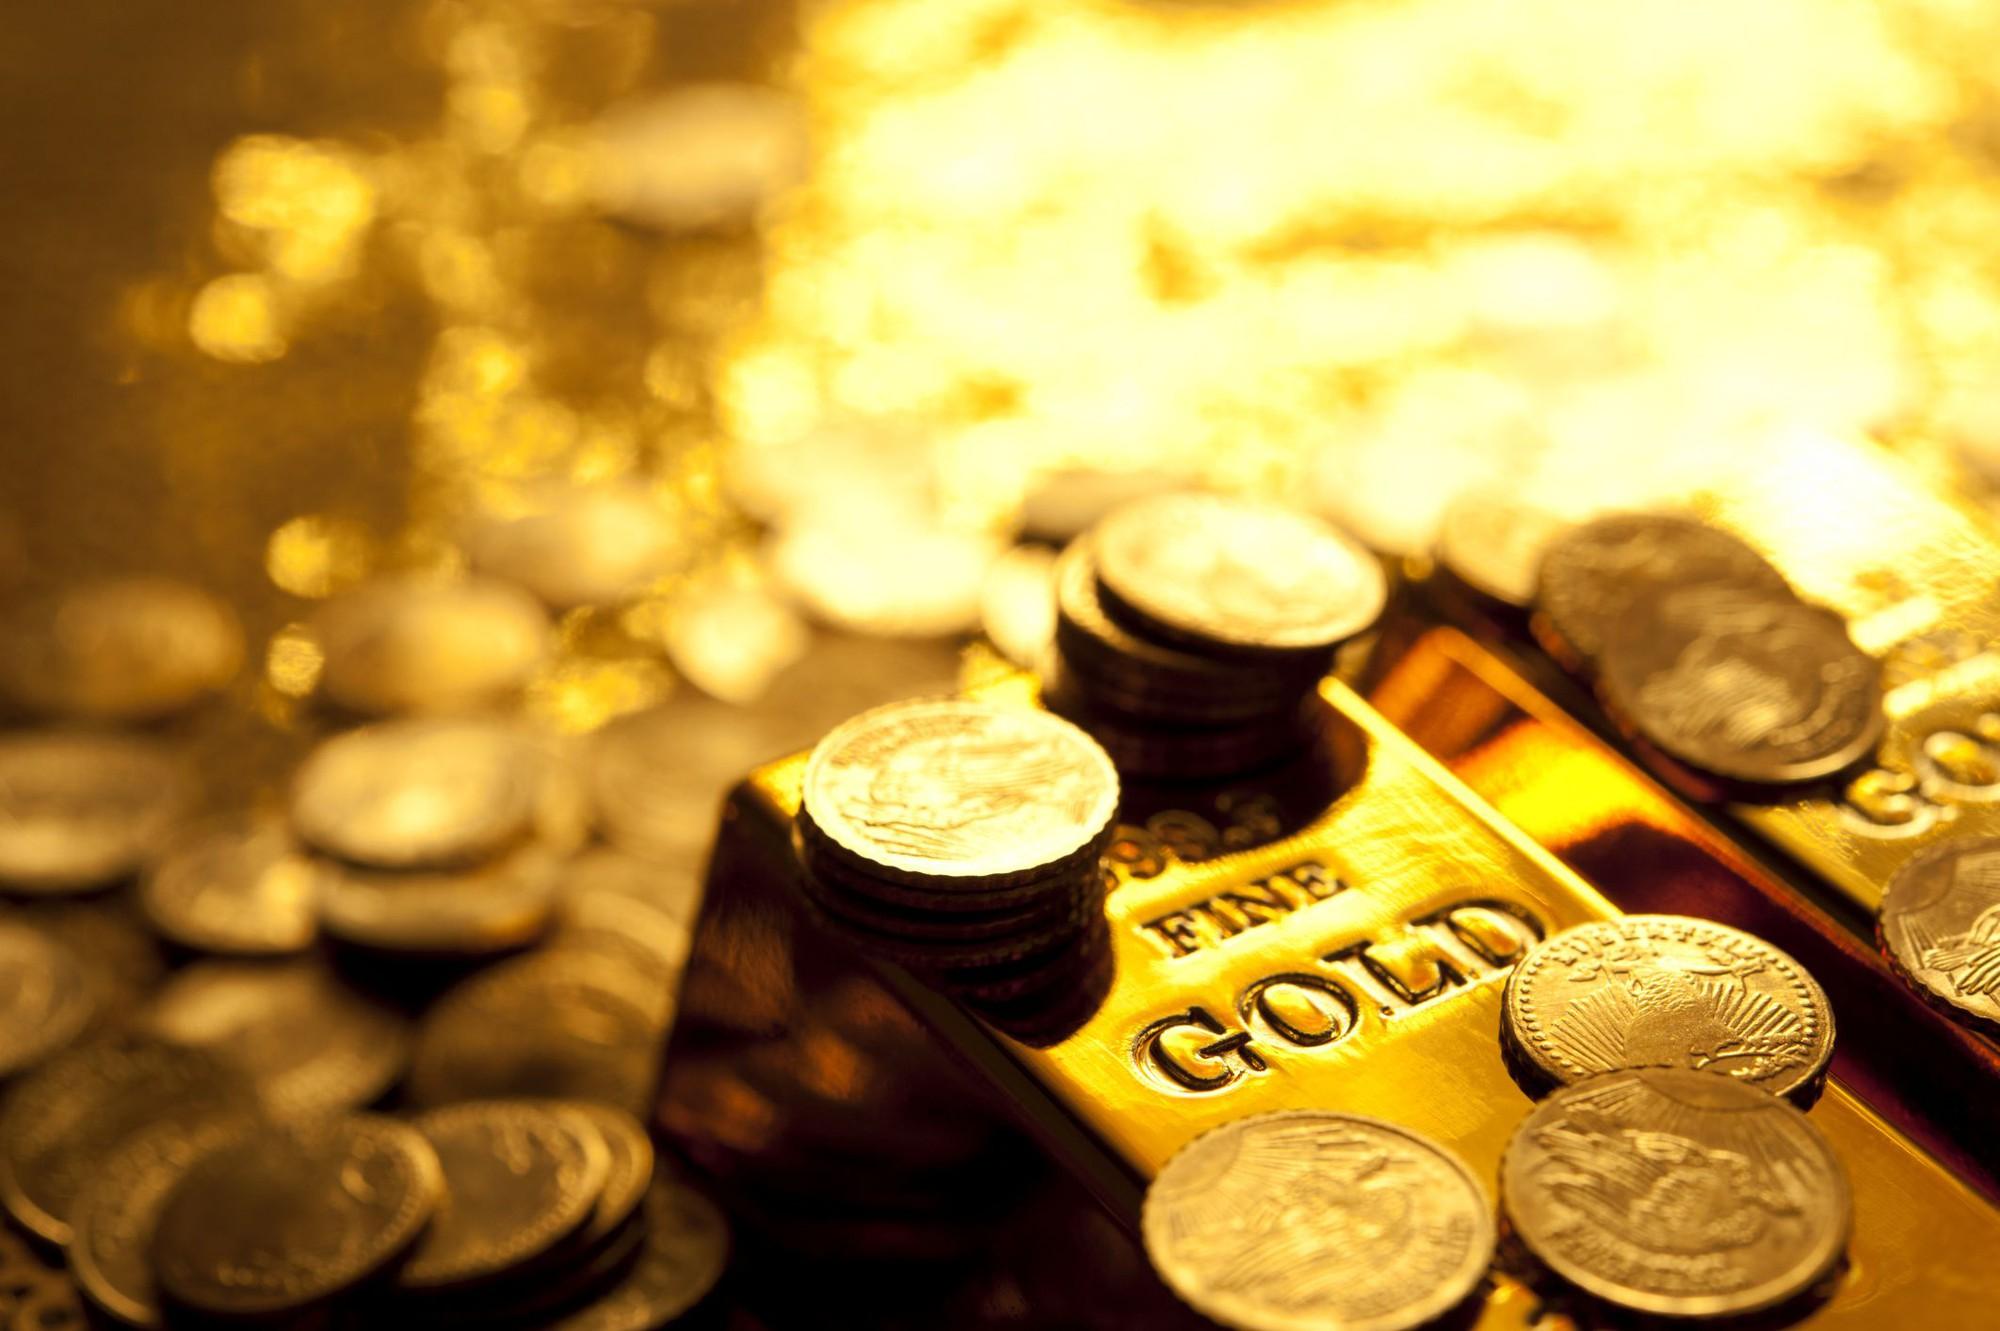 Dự báo giá vàng tuần tới: Giá vàng nhiều khả năng sẽ đi lên - Ảnh 1.